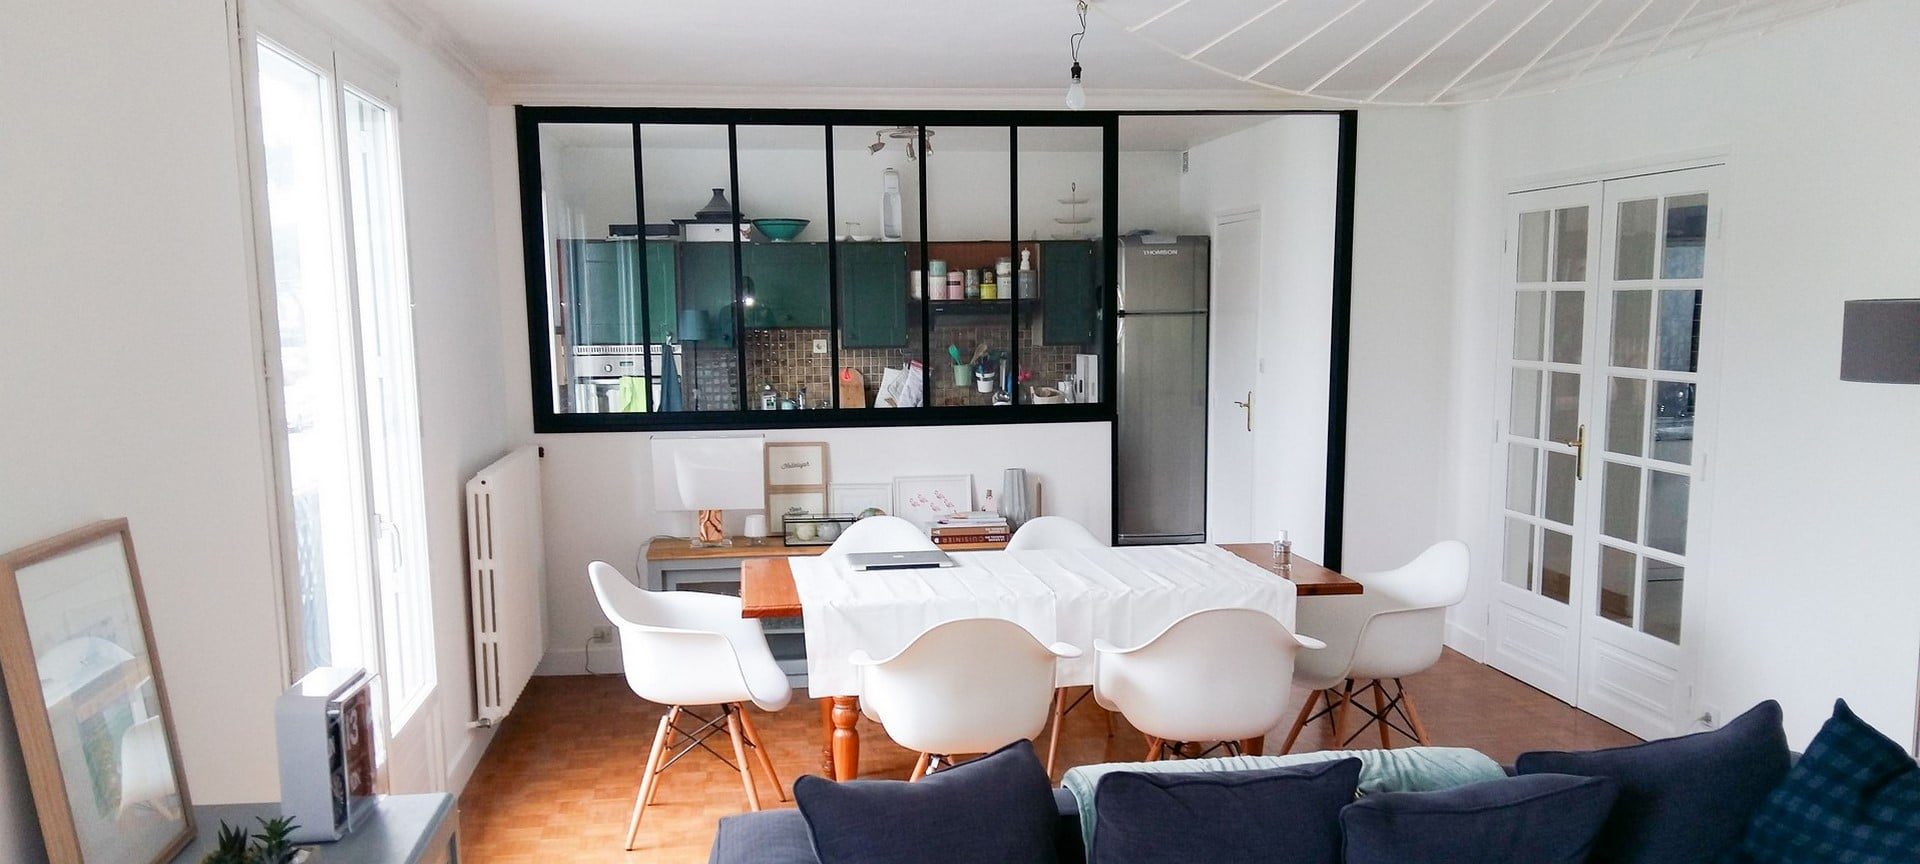 Ouverture entre une cuisine et un salon Adeco Breizh